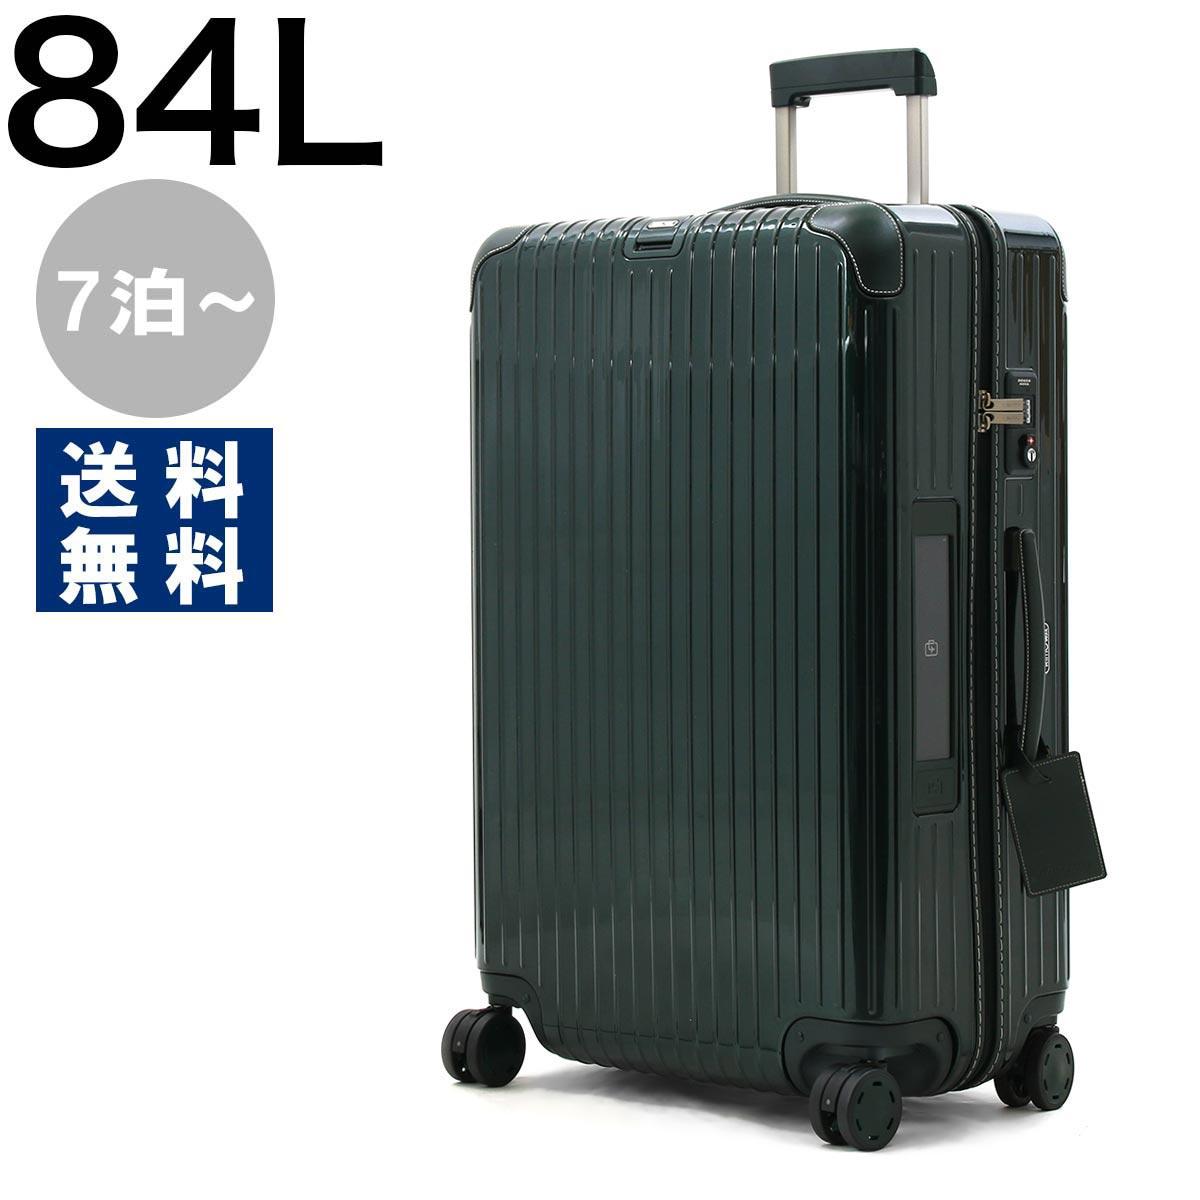 リモワ スーツケース/旅行用バッグ バッグ メンズ レディース ボサノバ 84L 7泊~ ELECTRONIC TAG ジェットグリーン 870.73.40.5 RIMOWA